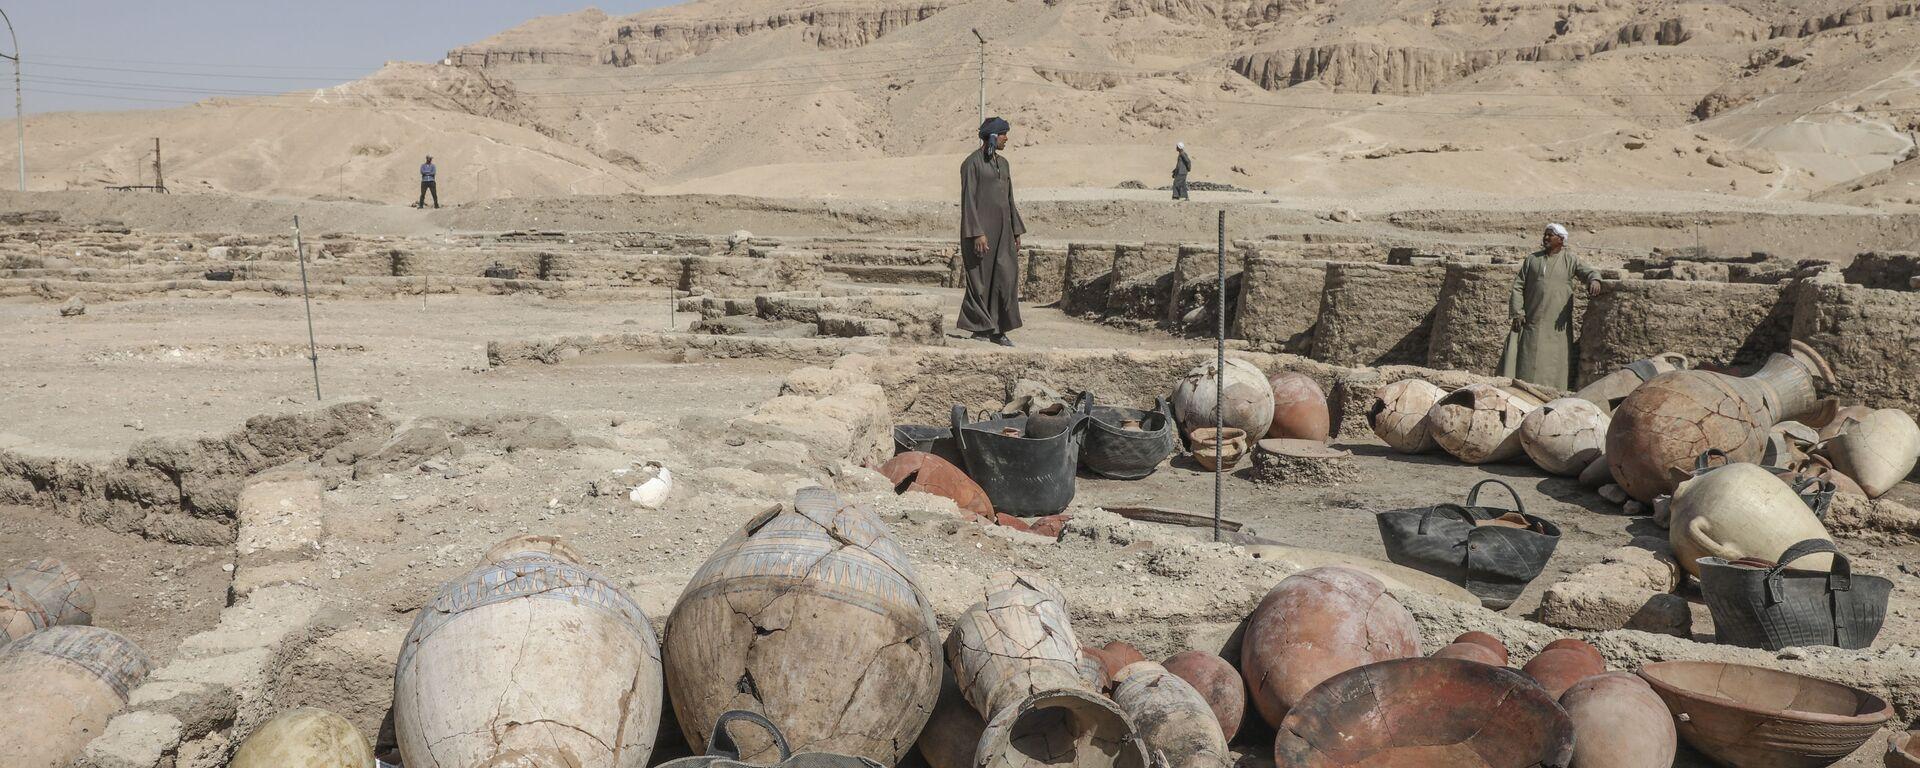 Раскопки на месте обнаруженного недалеко от Луксора золотого города в Верхнем Египте - Sputnik Армения, 1920, 21.09.2021